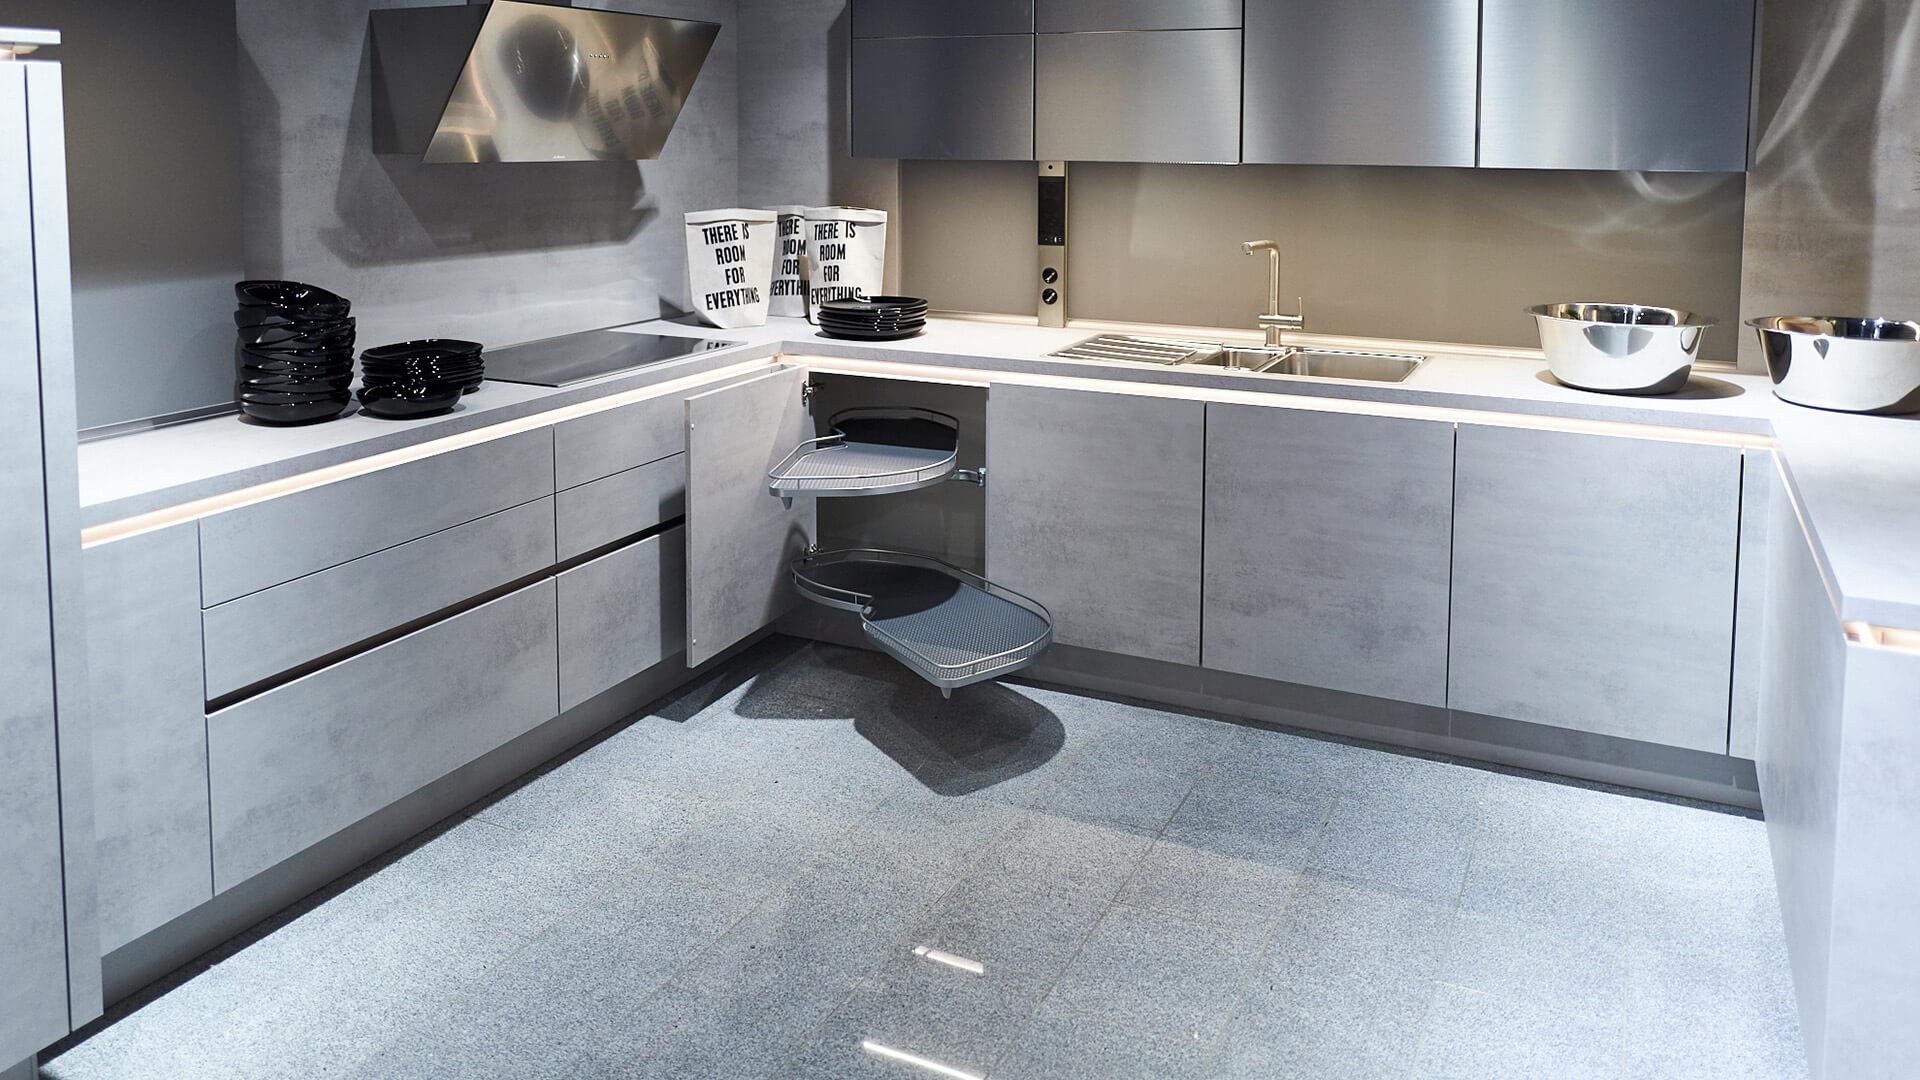 Kesseböhmer zur Küchenmeile mittendrin statt nur dabei